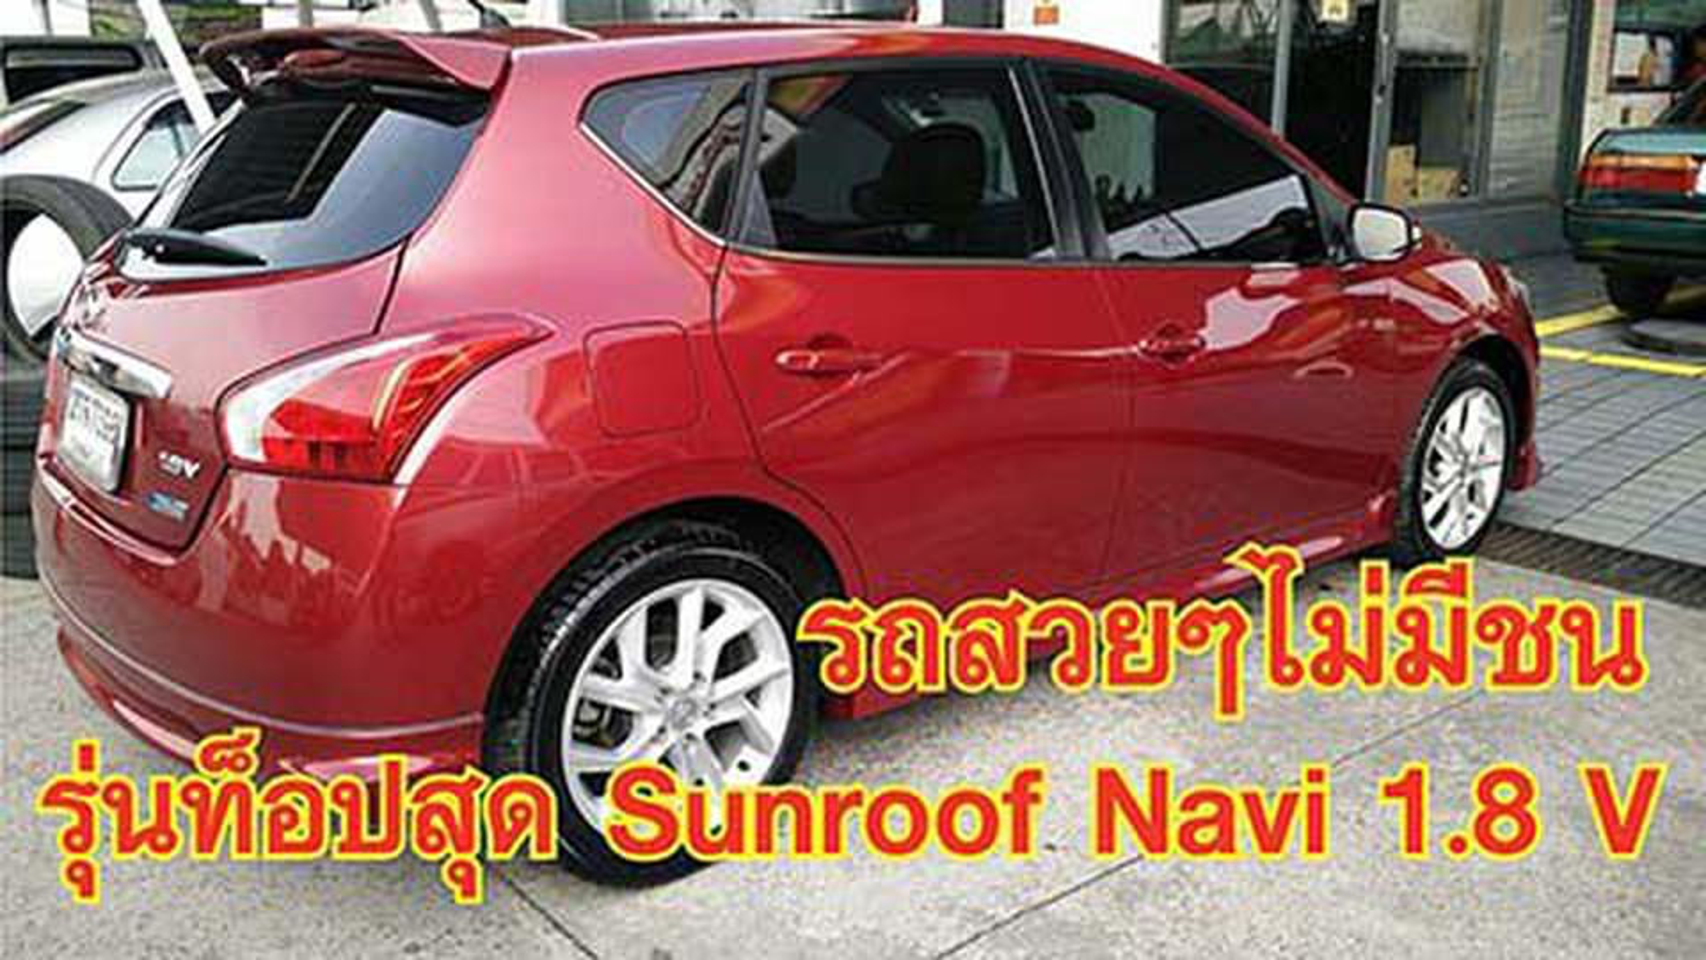 จ่ายแค่ห้าแสนนิดๆได้รถเกือบล้าน NISSAN PULSAR 1.8V Sunroof Navi รูปที่ 2